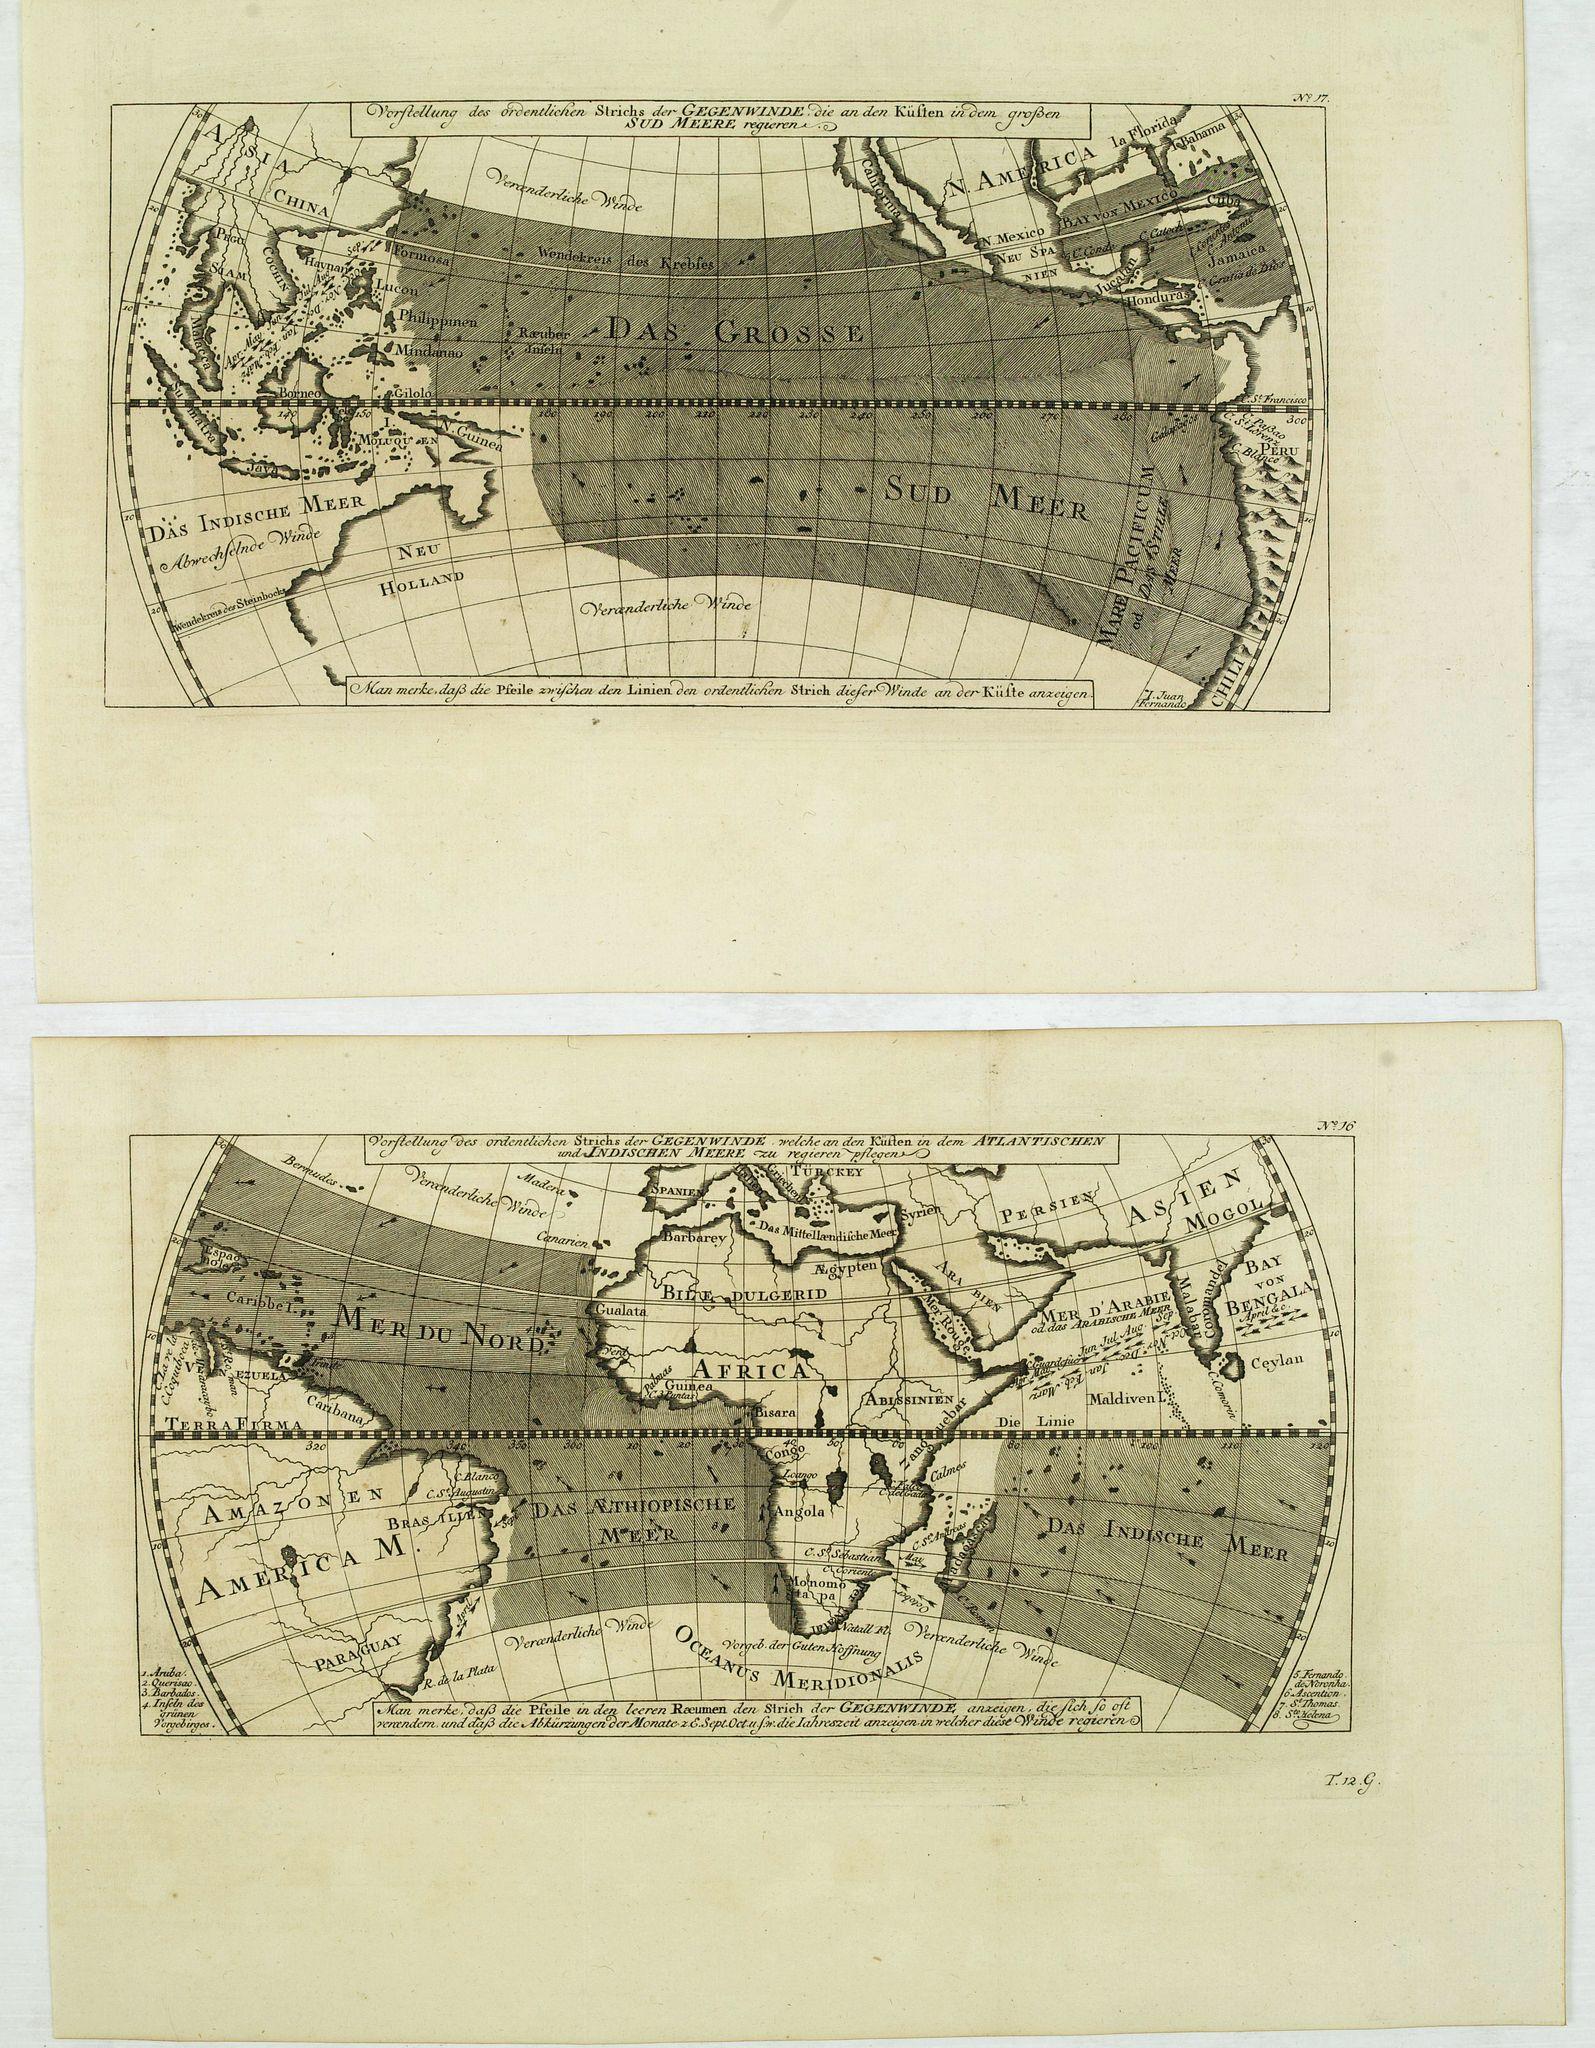 BELLIN, J.N. / ARKSTEE / MERKUS -  Vorstellung des ordentlichen Strichs der Gegenwinde, . . . N°16. / N° 17.